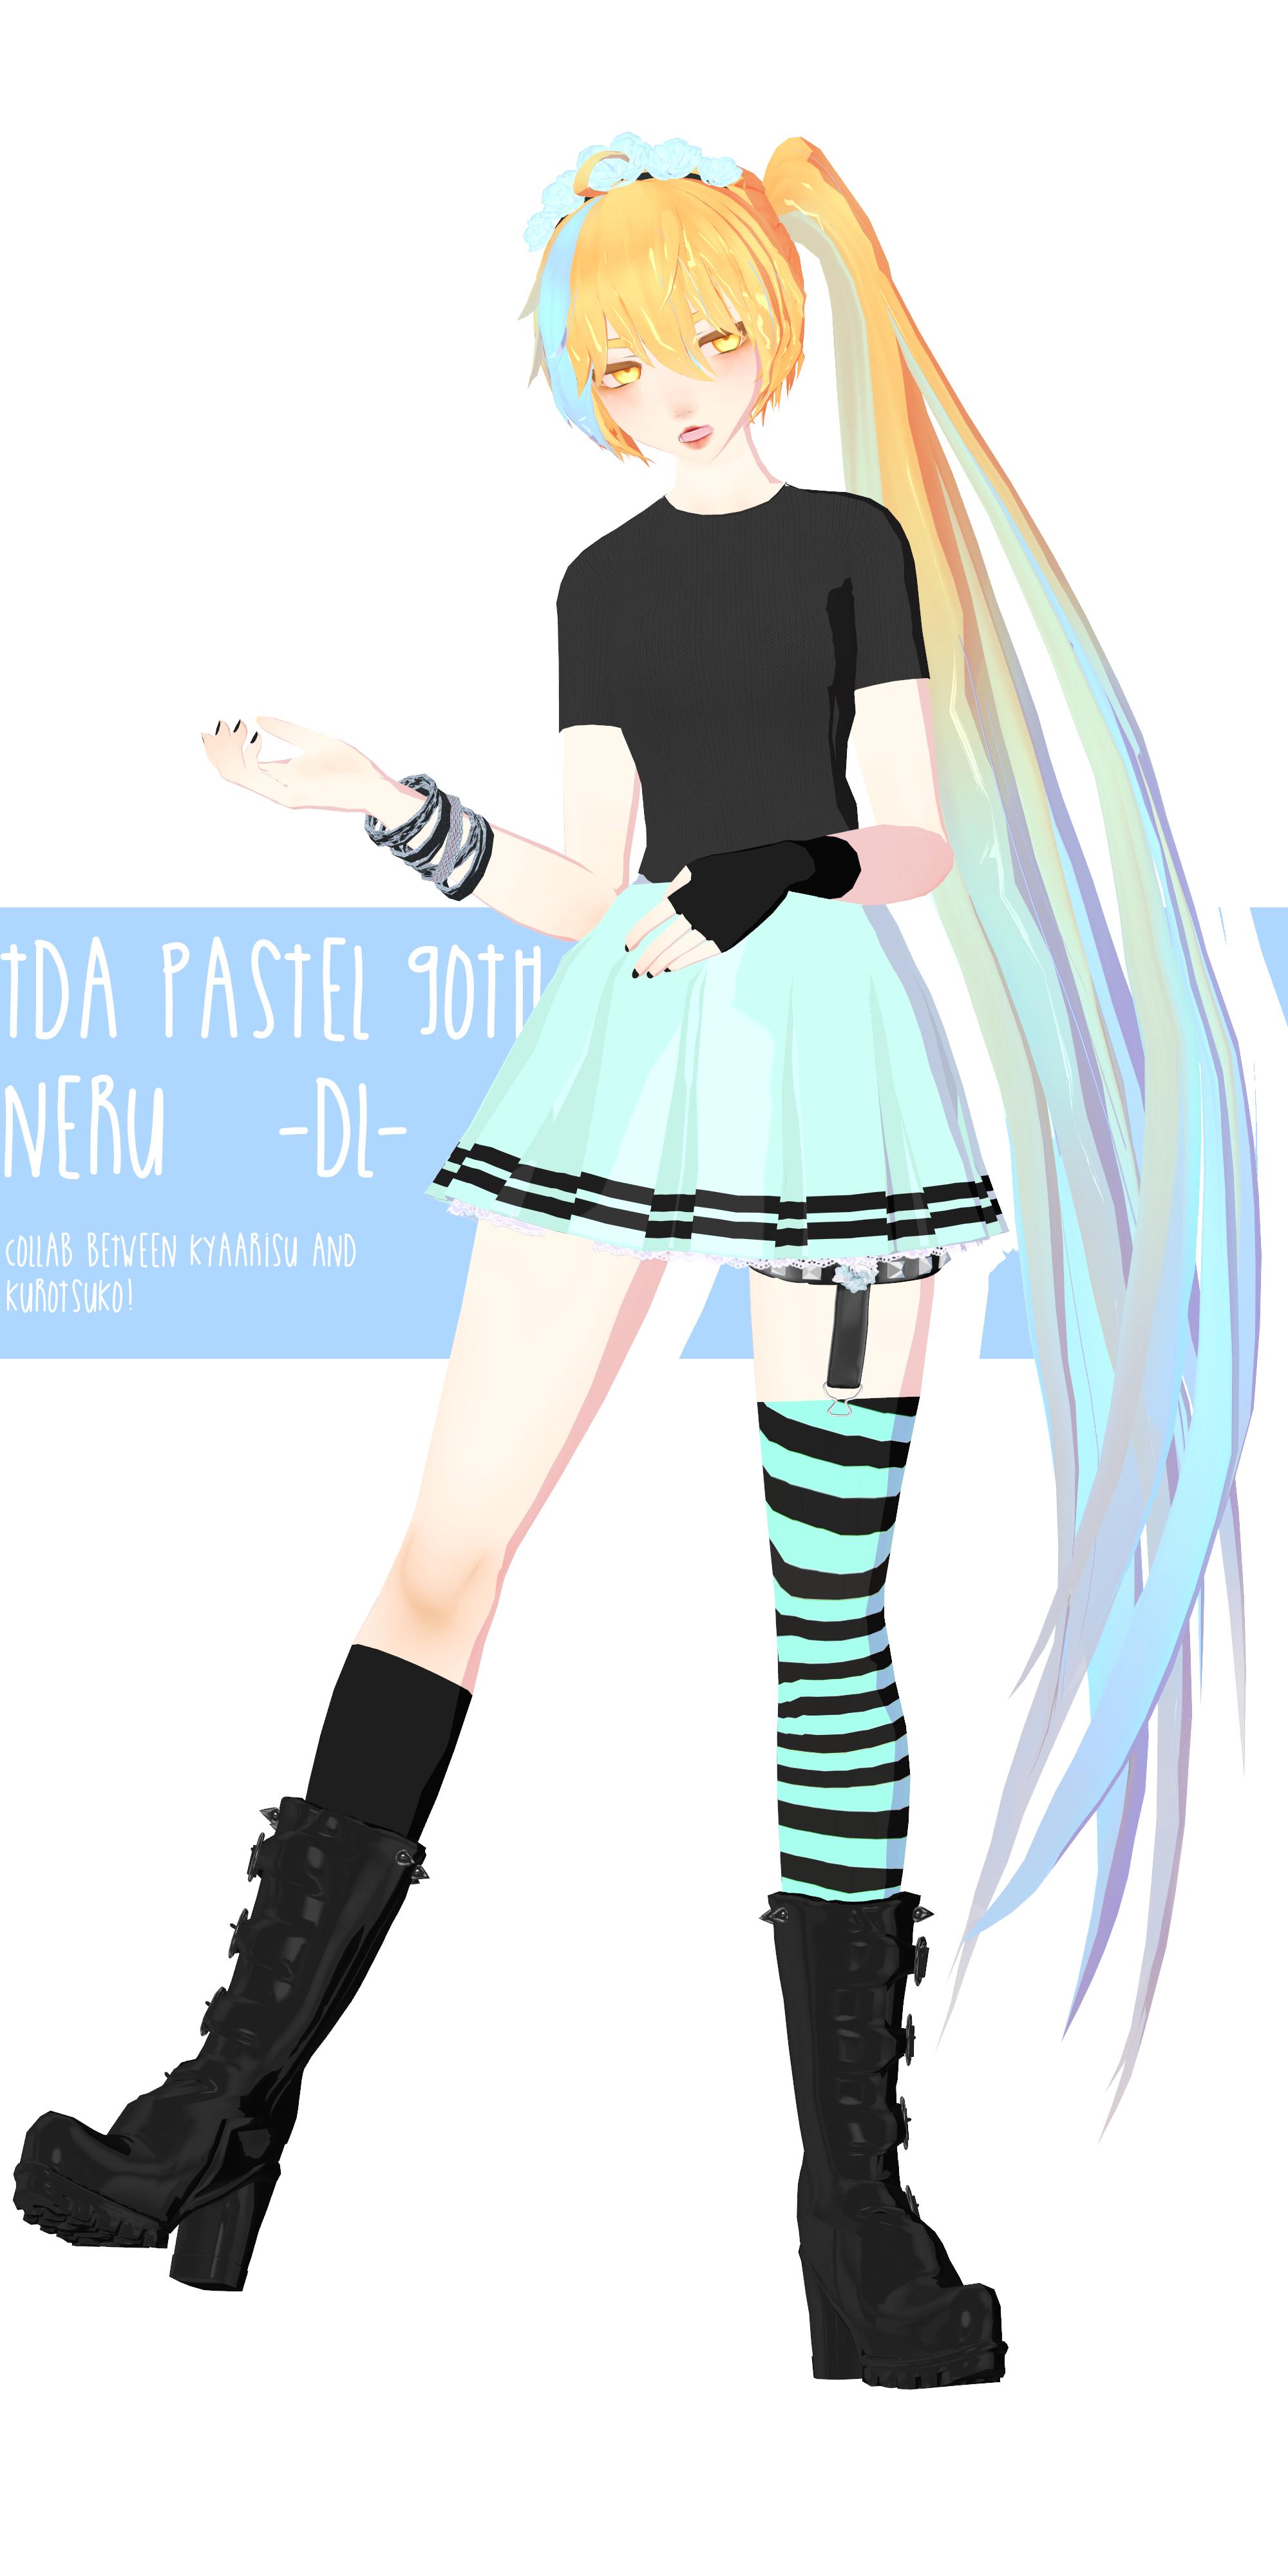 TDA Pastel Goth Gumi DL by PRESTONTHECAT on DeviantArt